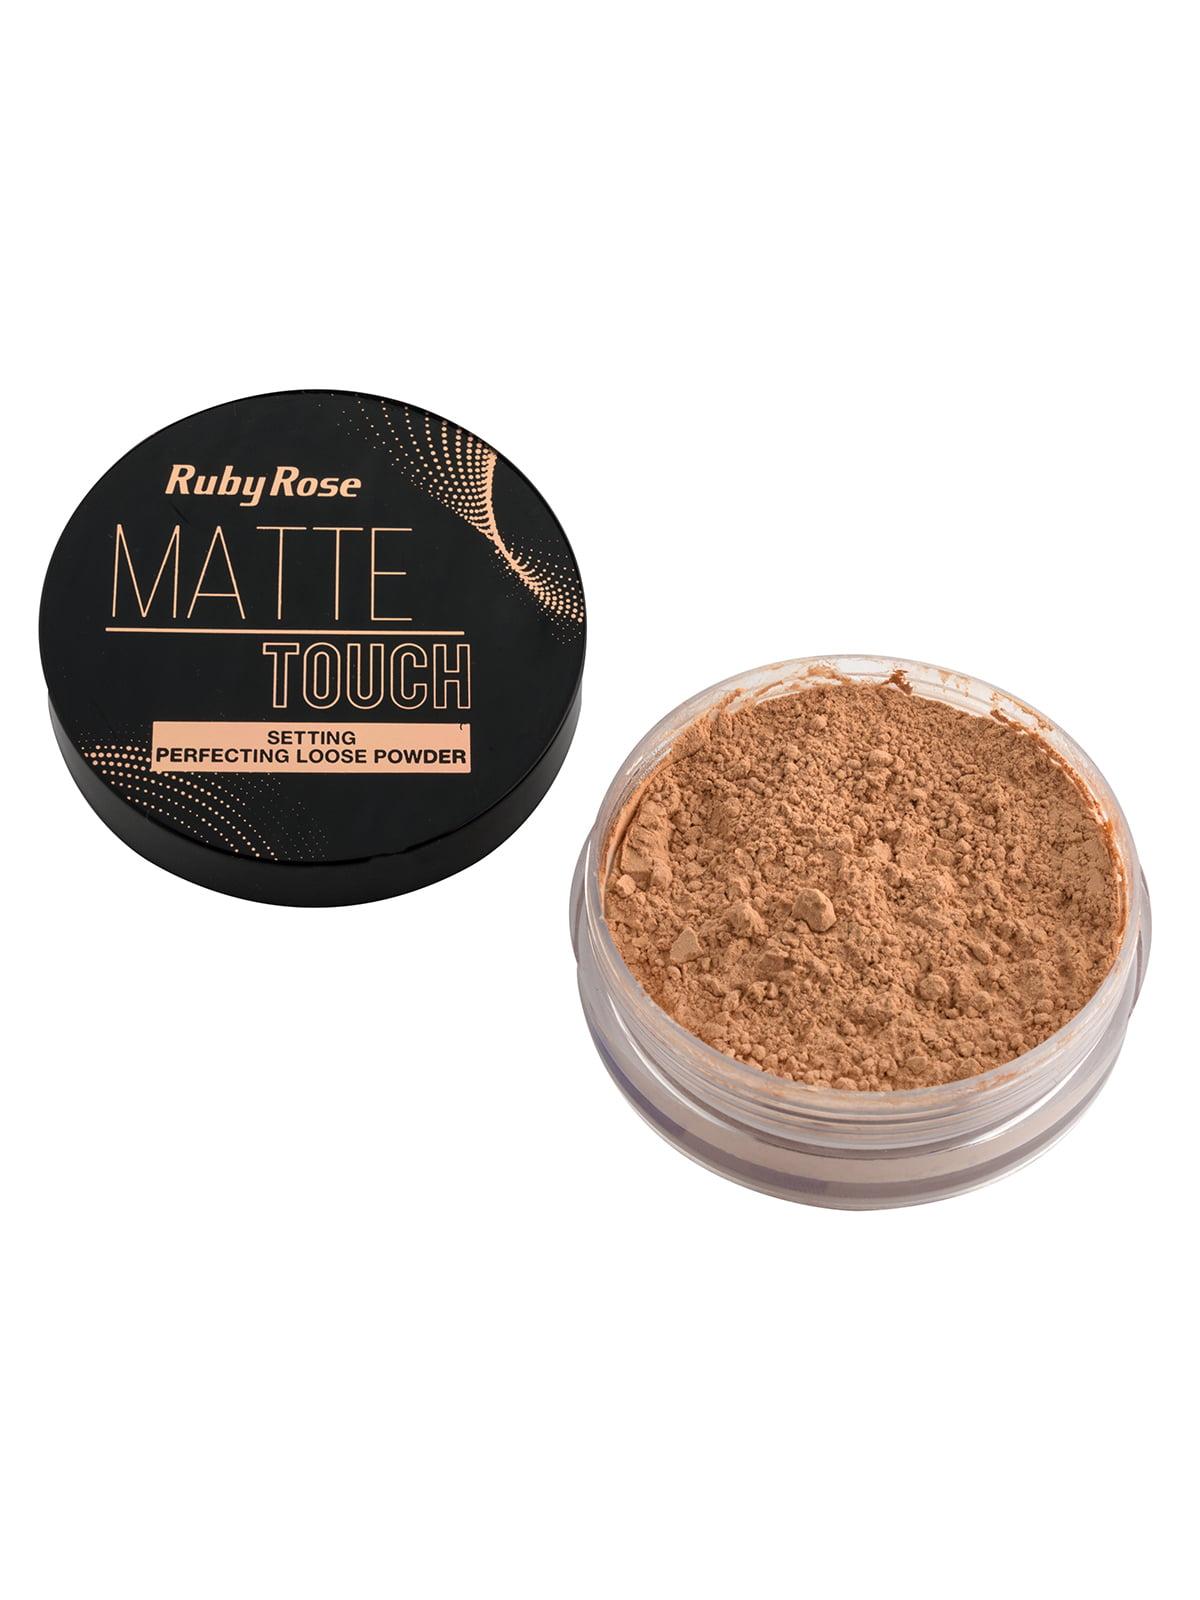 Пудра рассыпчатая Matte Touch Setting Perfectiing Loose Powder (8,5 г) | 5223495